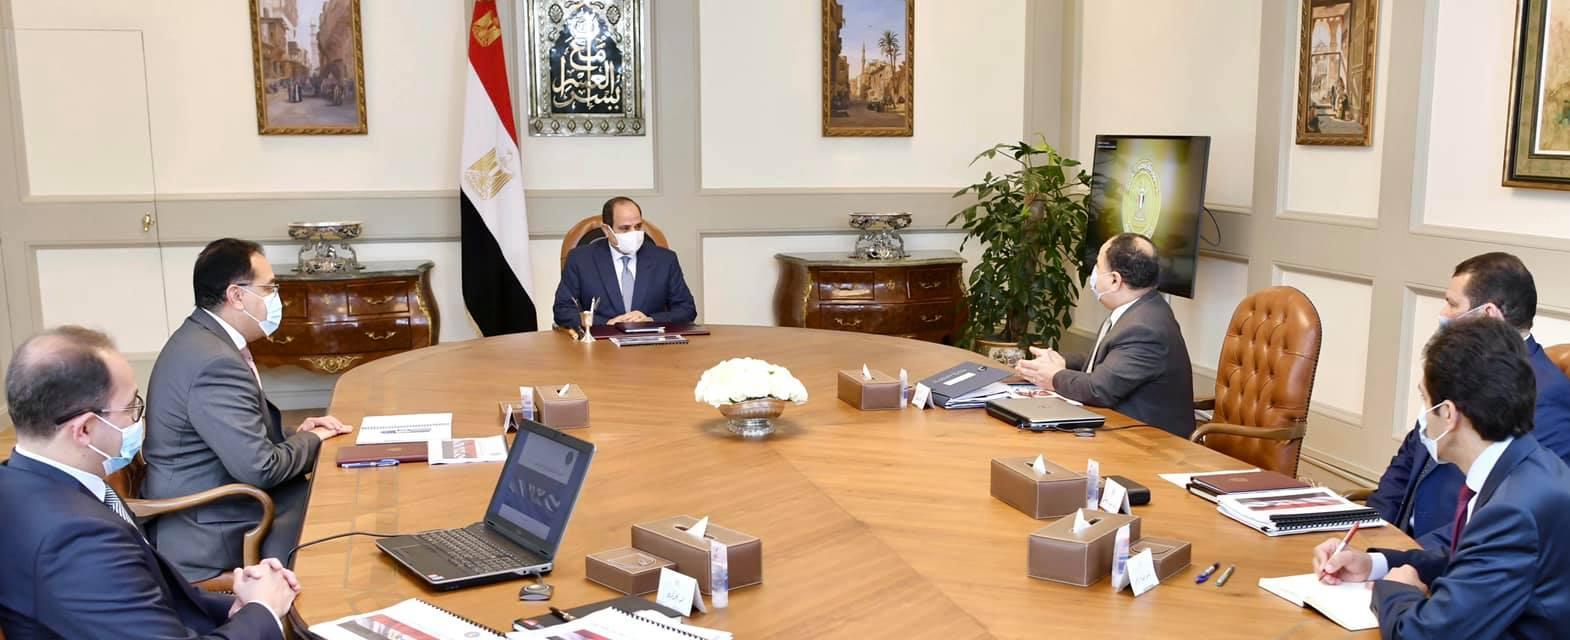 إحلال السيارات - مصر - السيسي